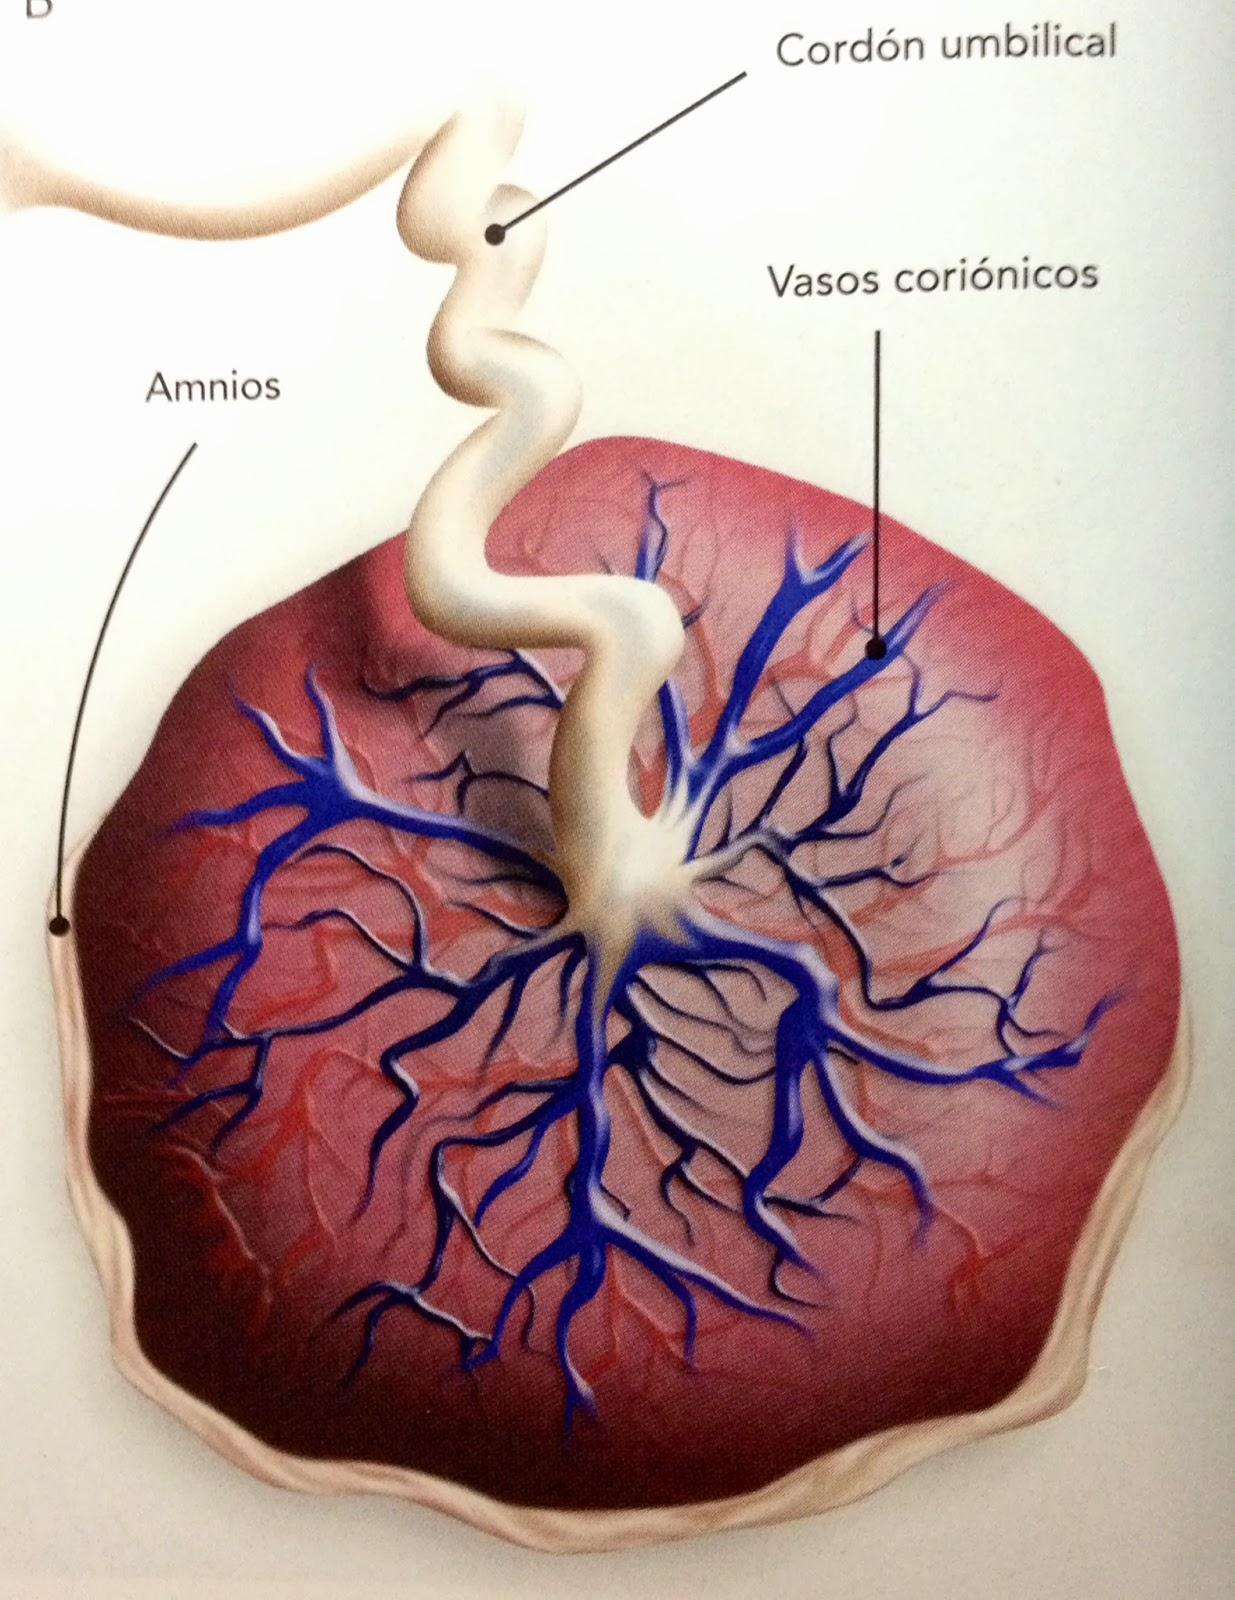 Embriología ENMH: Práctica 5 Anatomía de Placenta